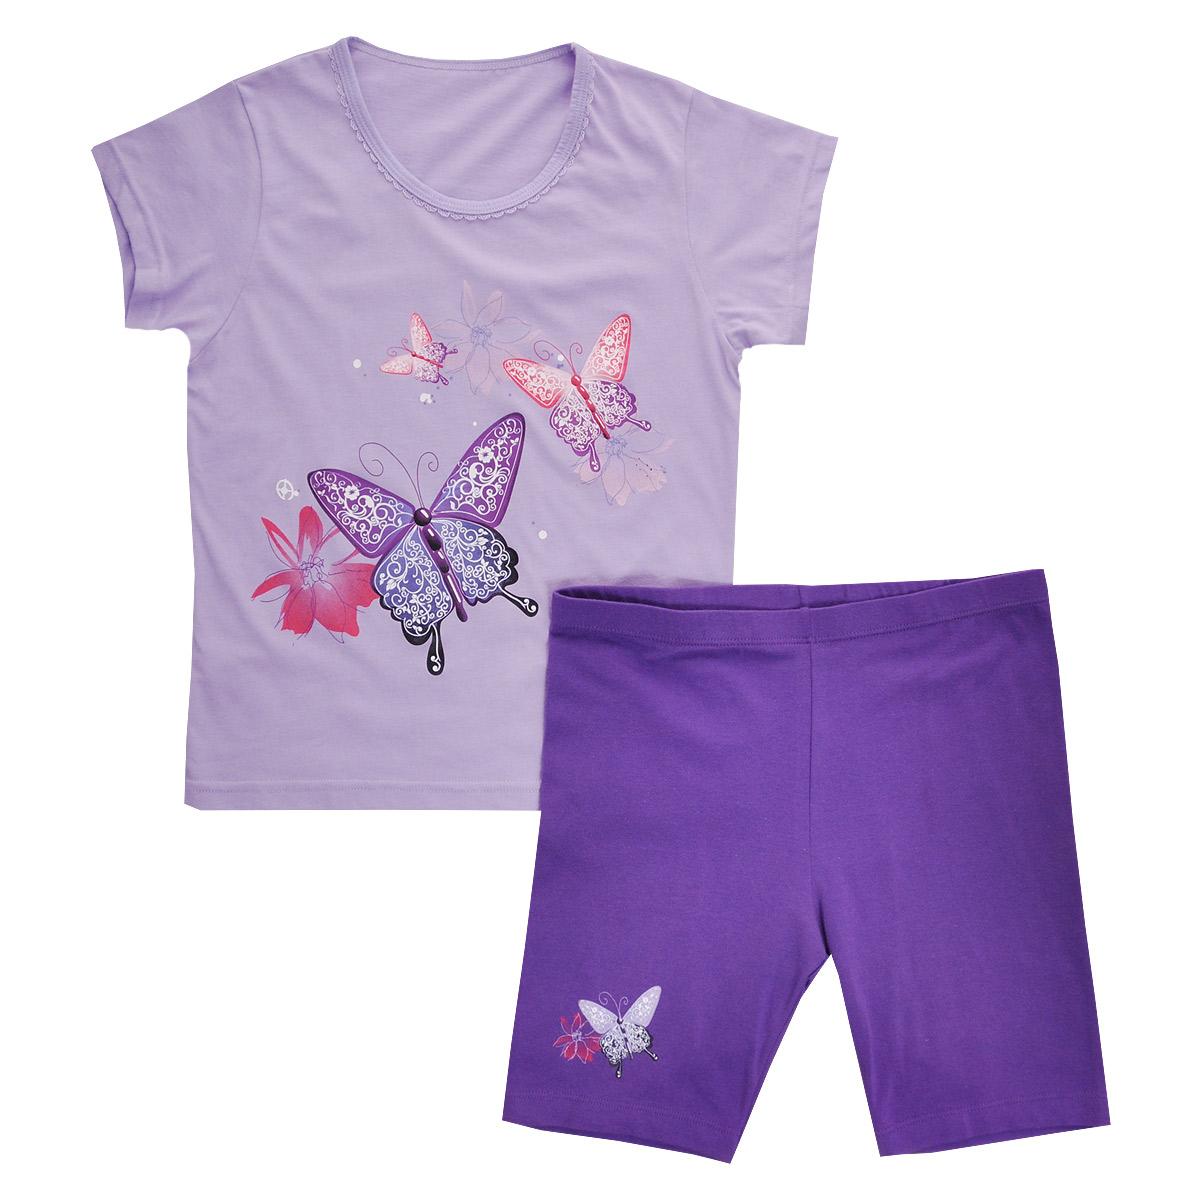 Комплект одеждыGF/GL-252Комплект для девочки Lowry, состоящий из футболки и шорт, идеально подойдет вашей малышке. Изготовленный из натурального хлопка, он необычайно мягкий и приятный на ощупь, не сковывает движения малышки и позволяет коже дышать, не раздражает даже самую нежную и чувствительную кожу ребенка, обеспечивая ему наибольший комфорт. Футболка с короткими рукавами и круглым вырезом горловины спереди оформлена яркой термоаппликацией с изображением бабочек. Вырез горловины украшен ажурными рюшами. Шортики на талии имеют широкую эластичную резинку, благодаря чему они не сдавливают животик ребенка и не сползают. Правая брючина оформлена термоаппликацией с изображением бабочки и цветочка. Оригинальный дизайн и модная расцветка делают этот комплект незаменимым предметом детского гардероба. В нем вашей маленькой принцессе будет комфортно и уютно, и она всегда будет в центре внимания!